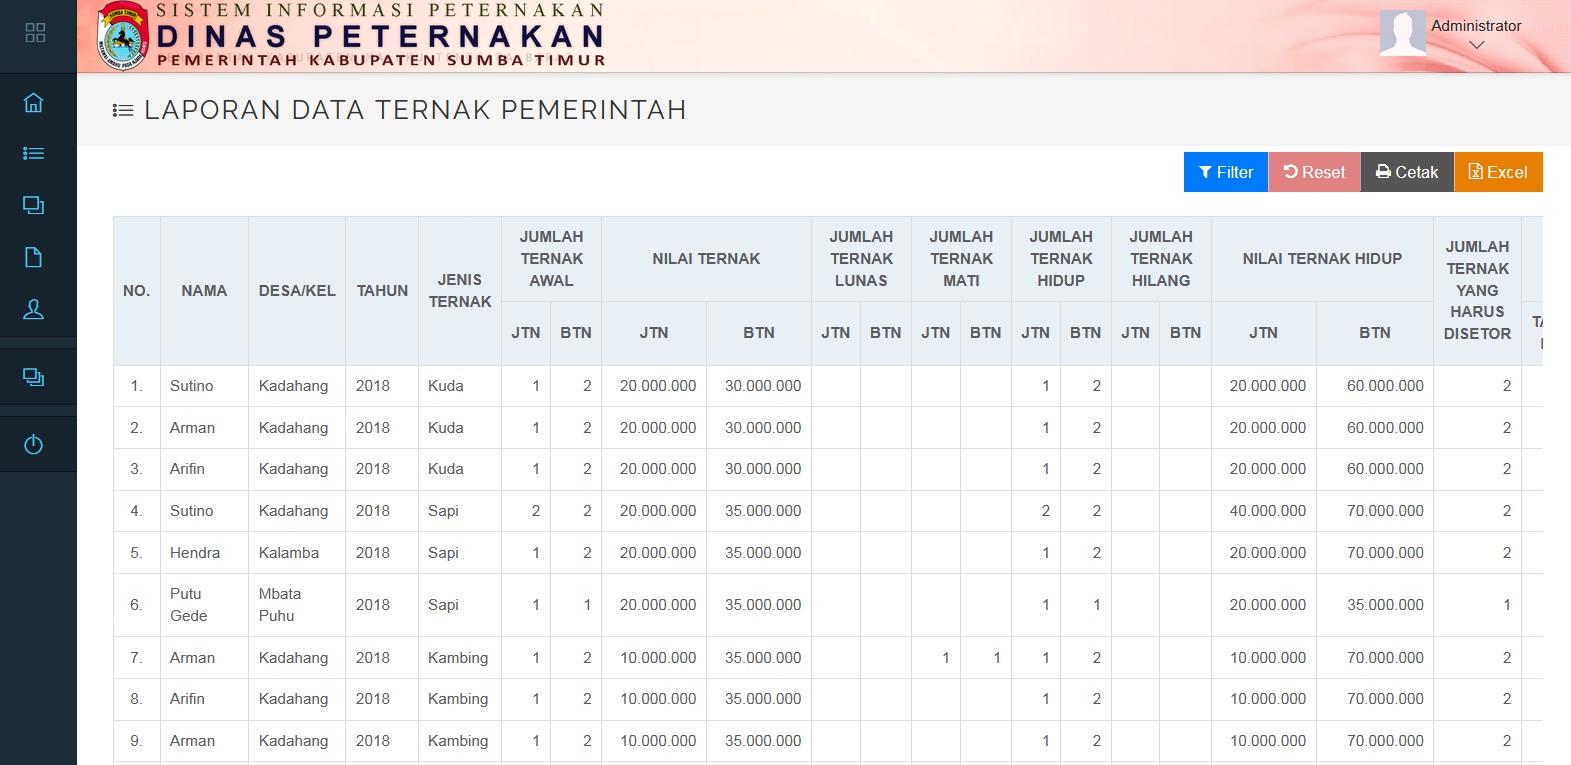 Sistem Informasi Peternakan (SIMDATER) Technophoria Indonesia